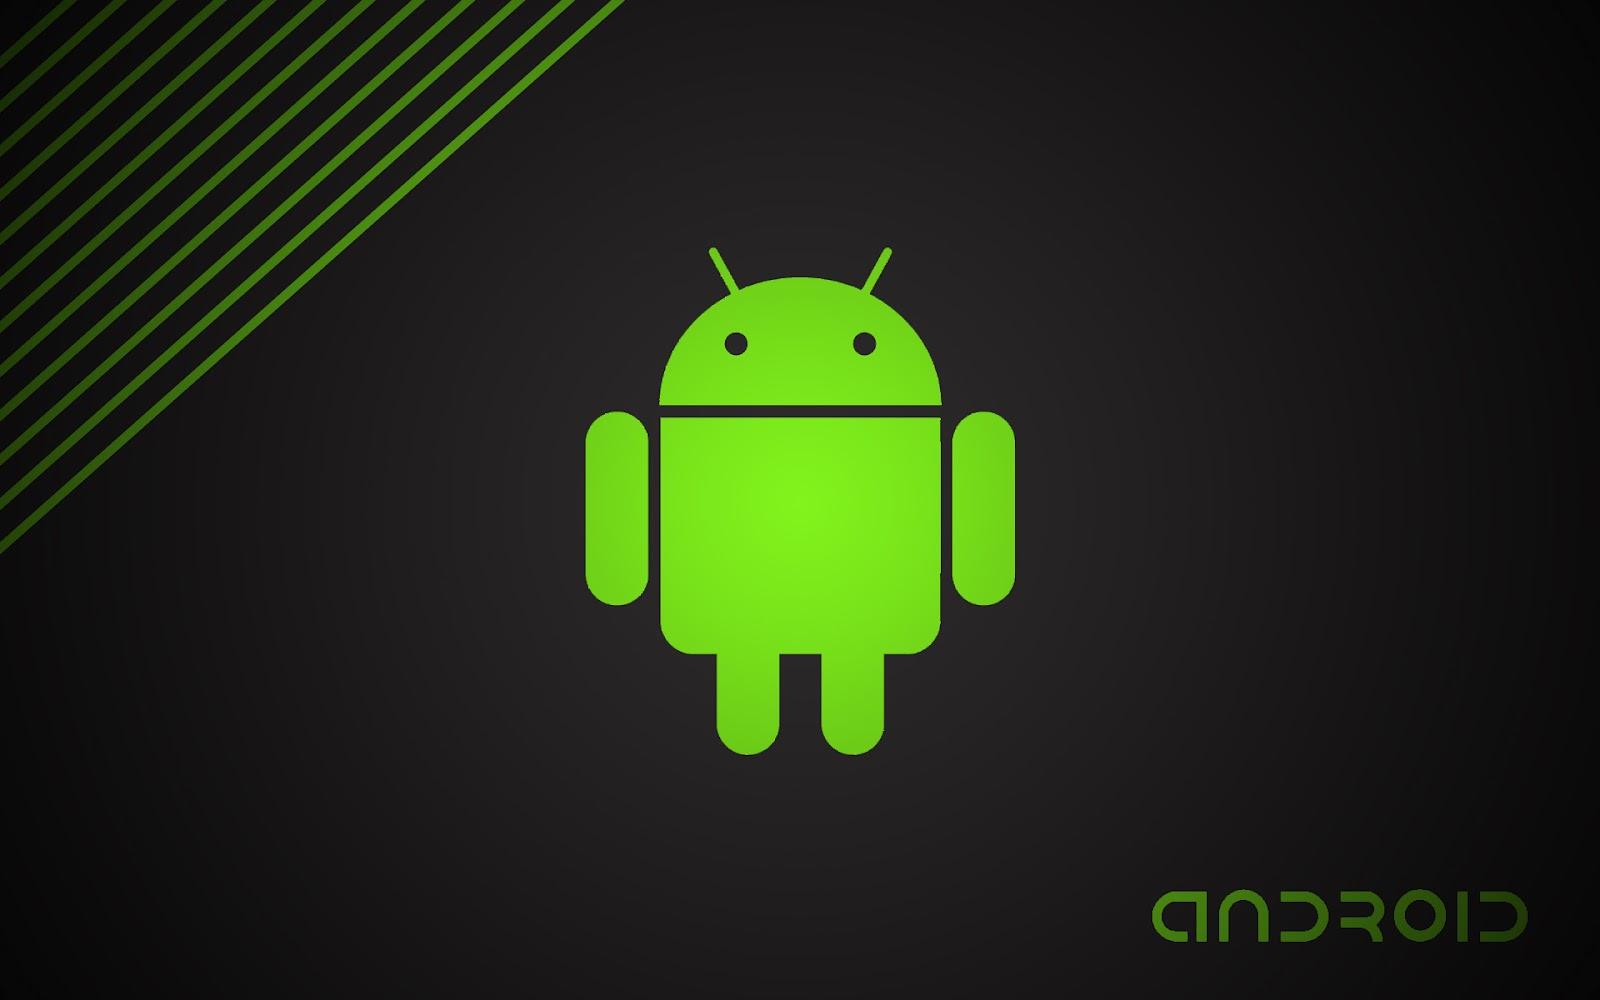 Hintergrundbilder Hd Download - 107 Wallpaper für euer Android Smartphone und Tablet